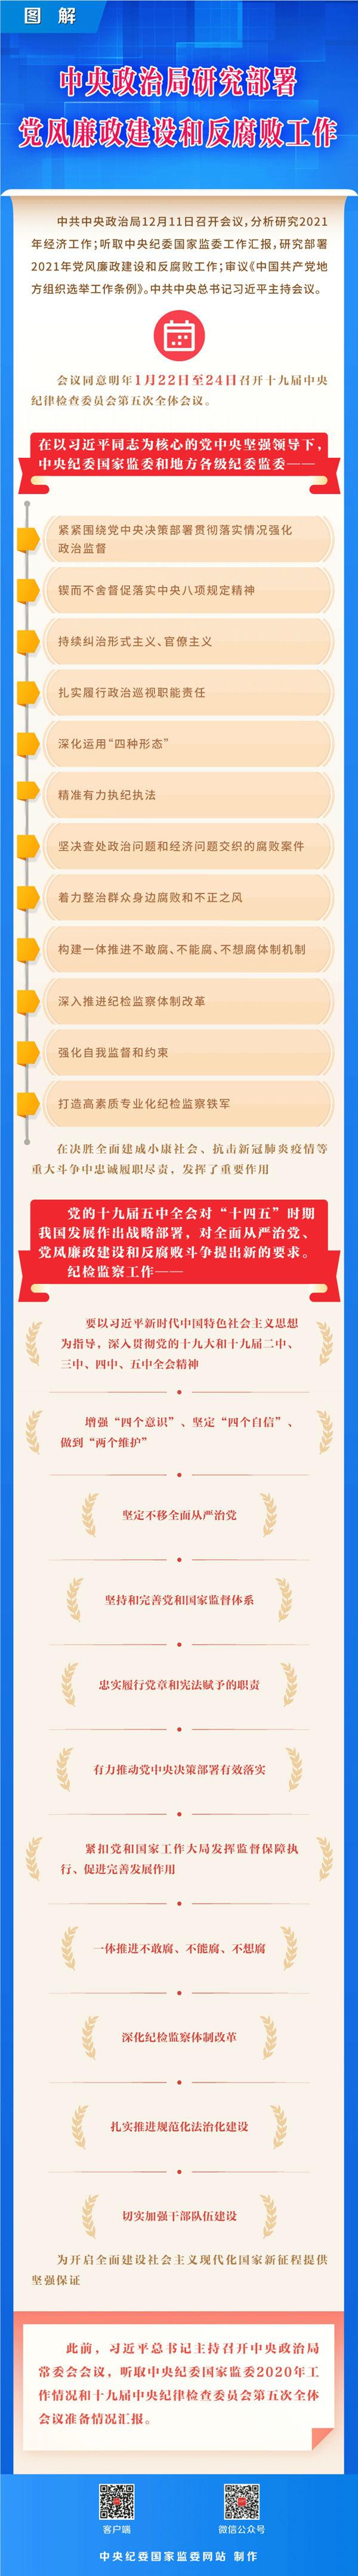 图解丨中央政治局研究部署党风廉政建设和反腐败工作图片